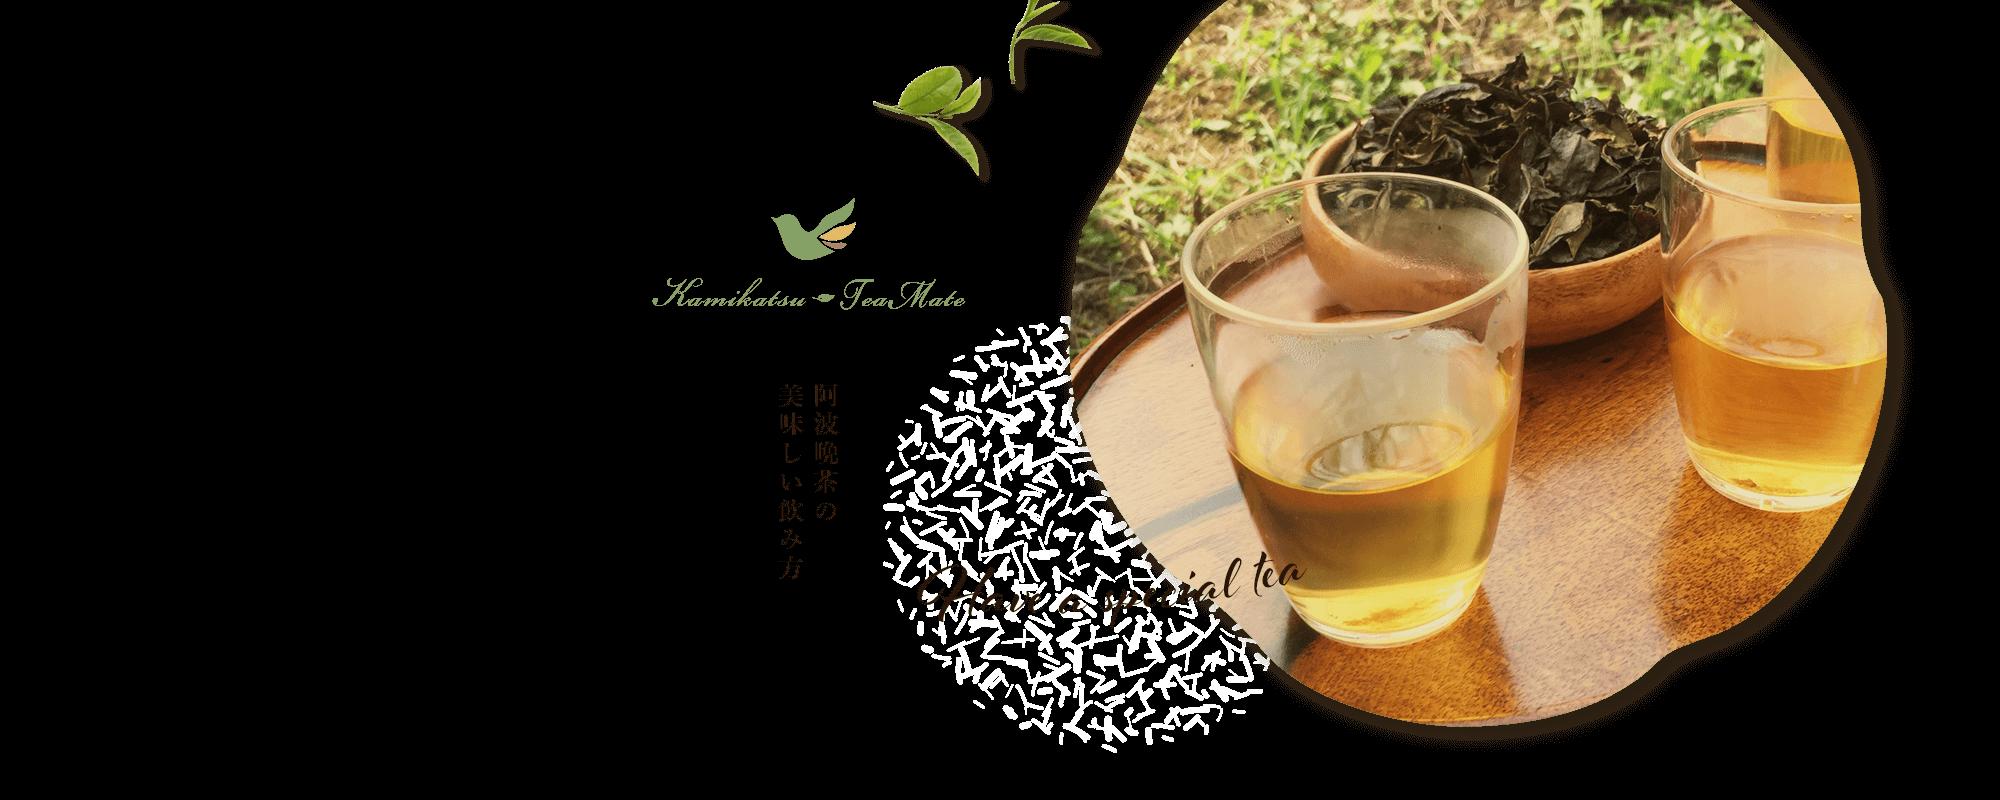 阿波晩茶の美味しい飲み方